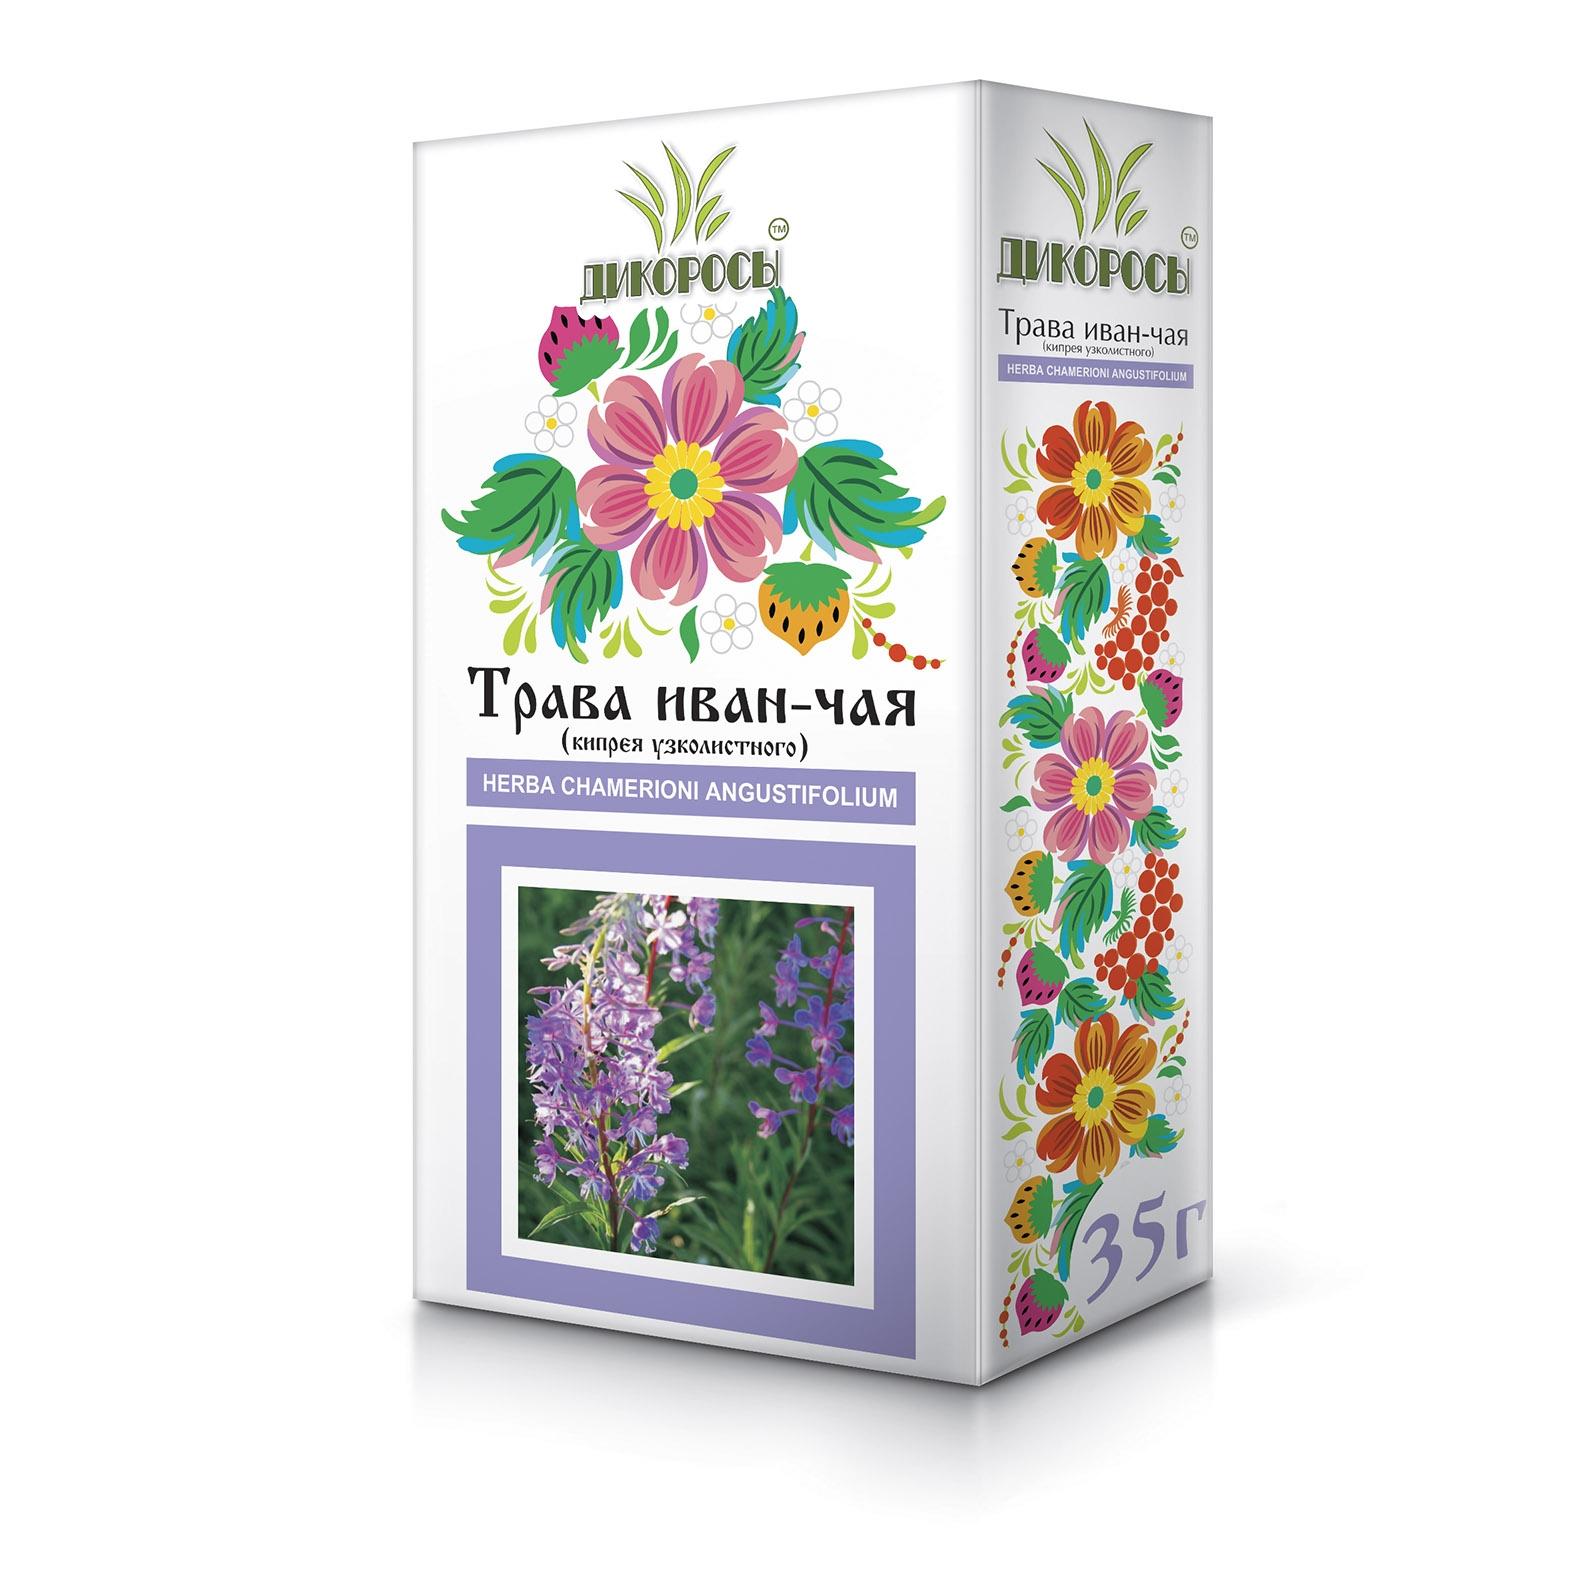 Трава Иван-чая (кипрея): применение, лечебные и полезные свойства, противопоказания